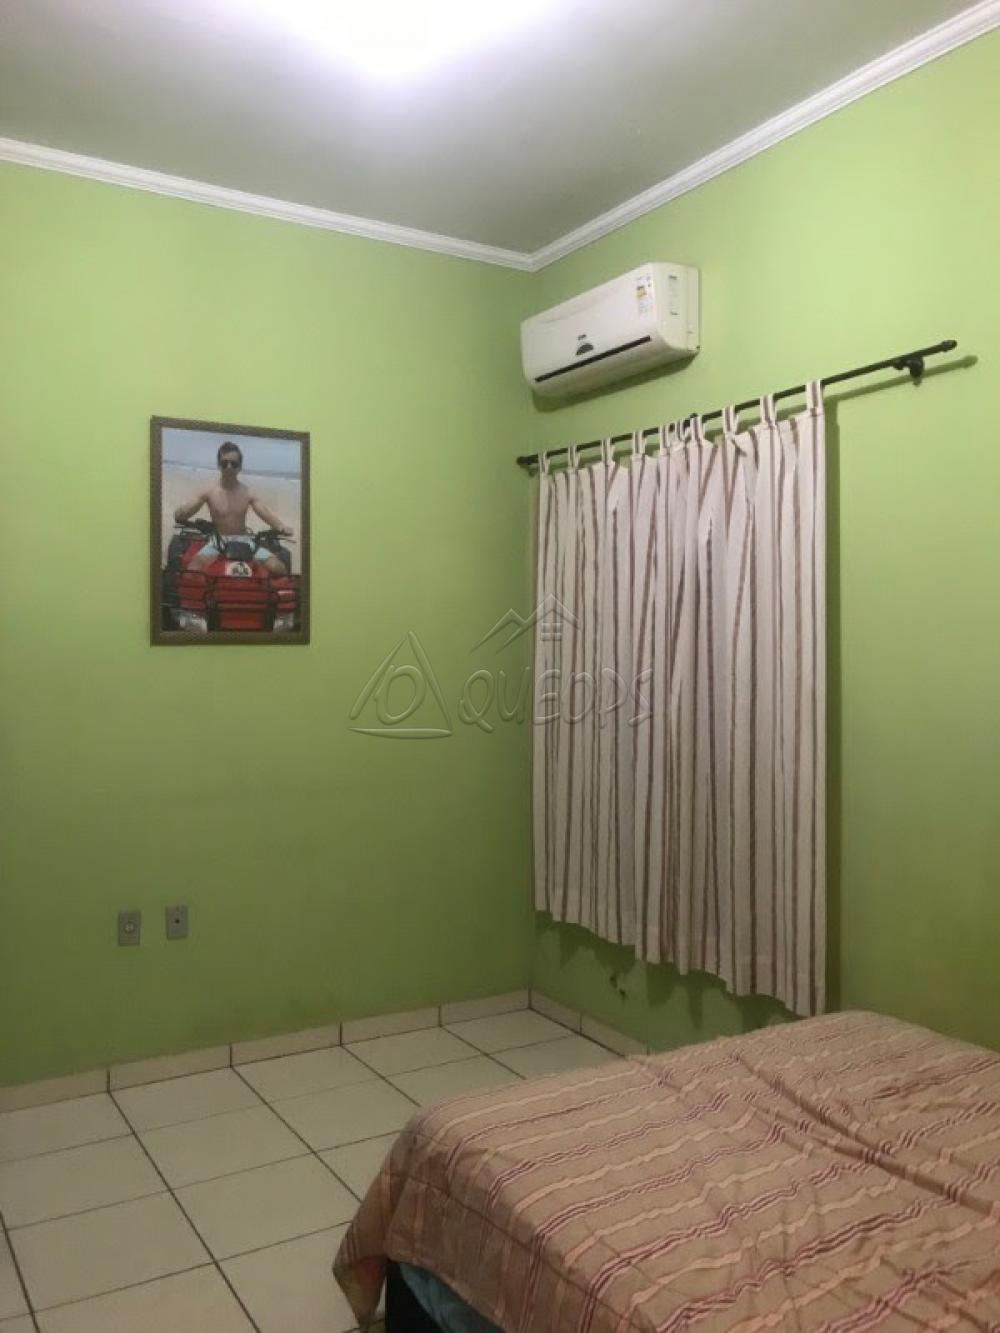 Comprar Casa / Padrão em Barretos apenas R$ 390.000,00 - Foto 7